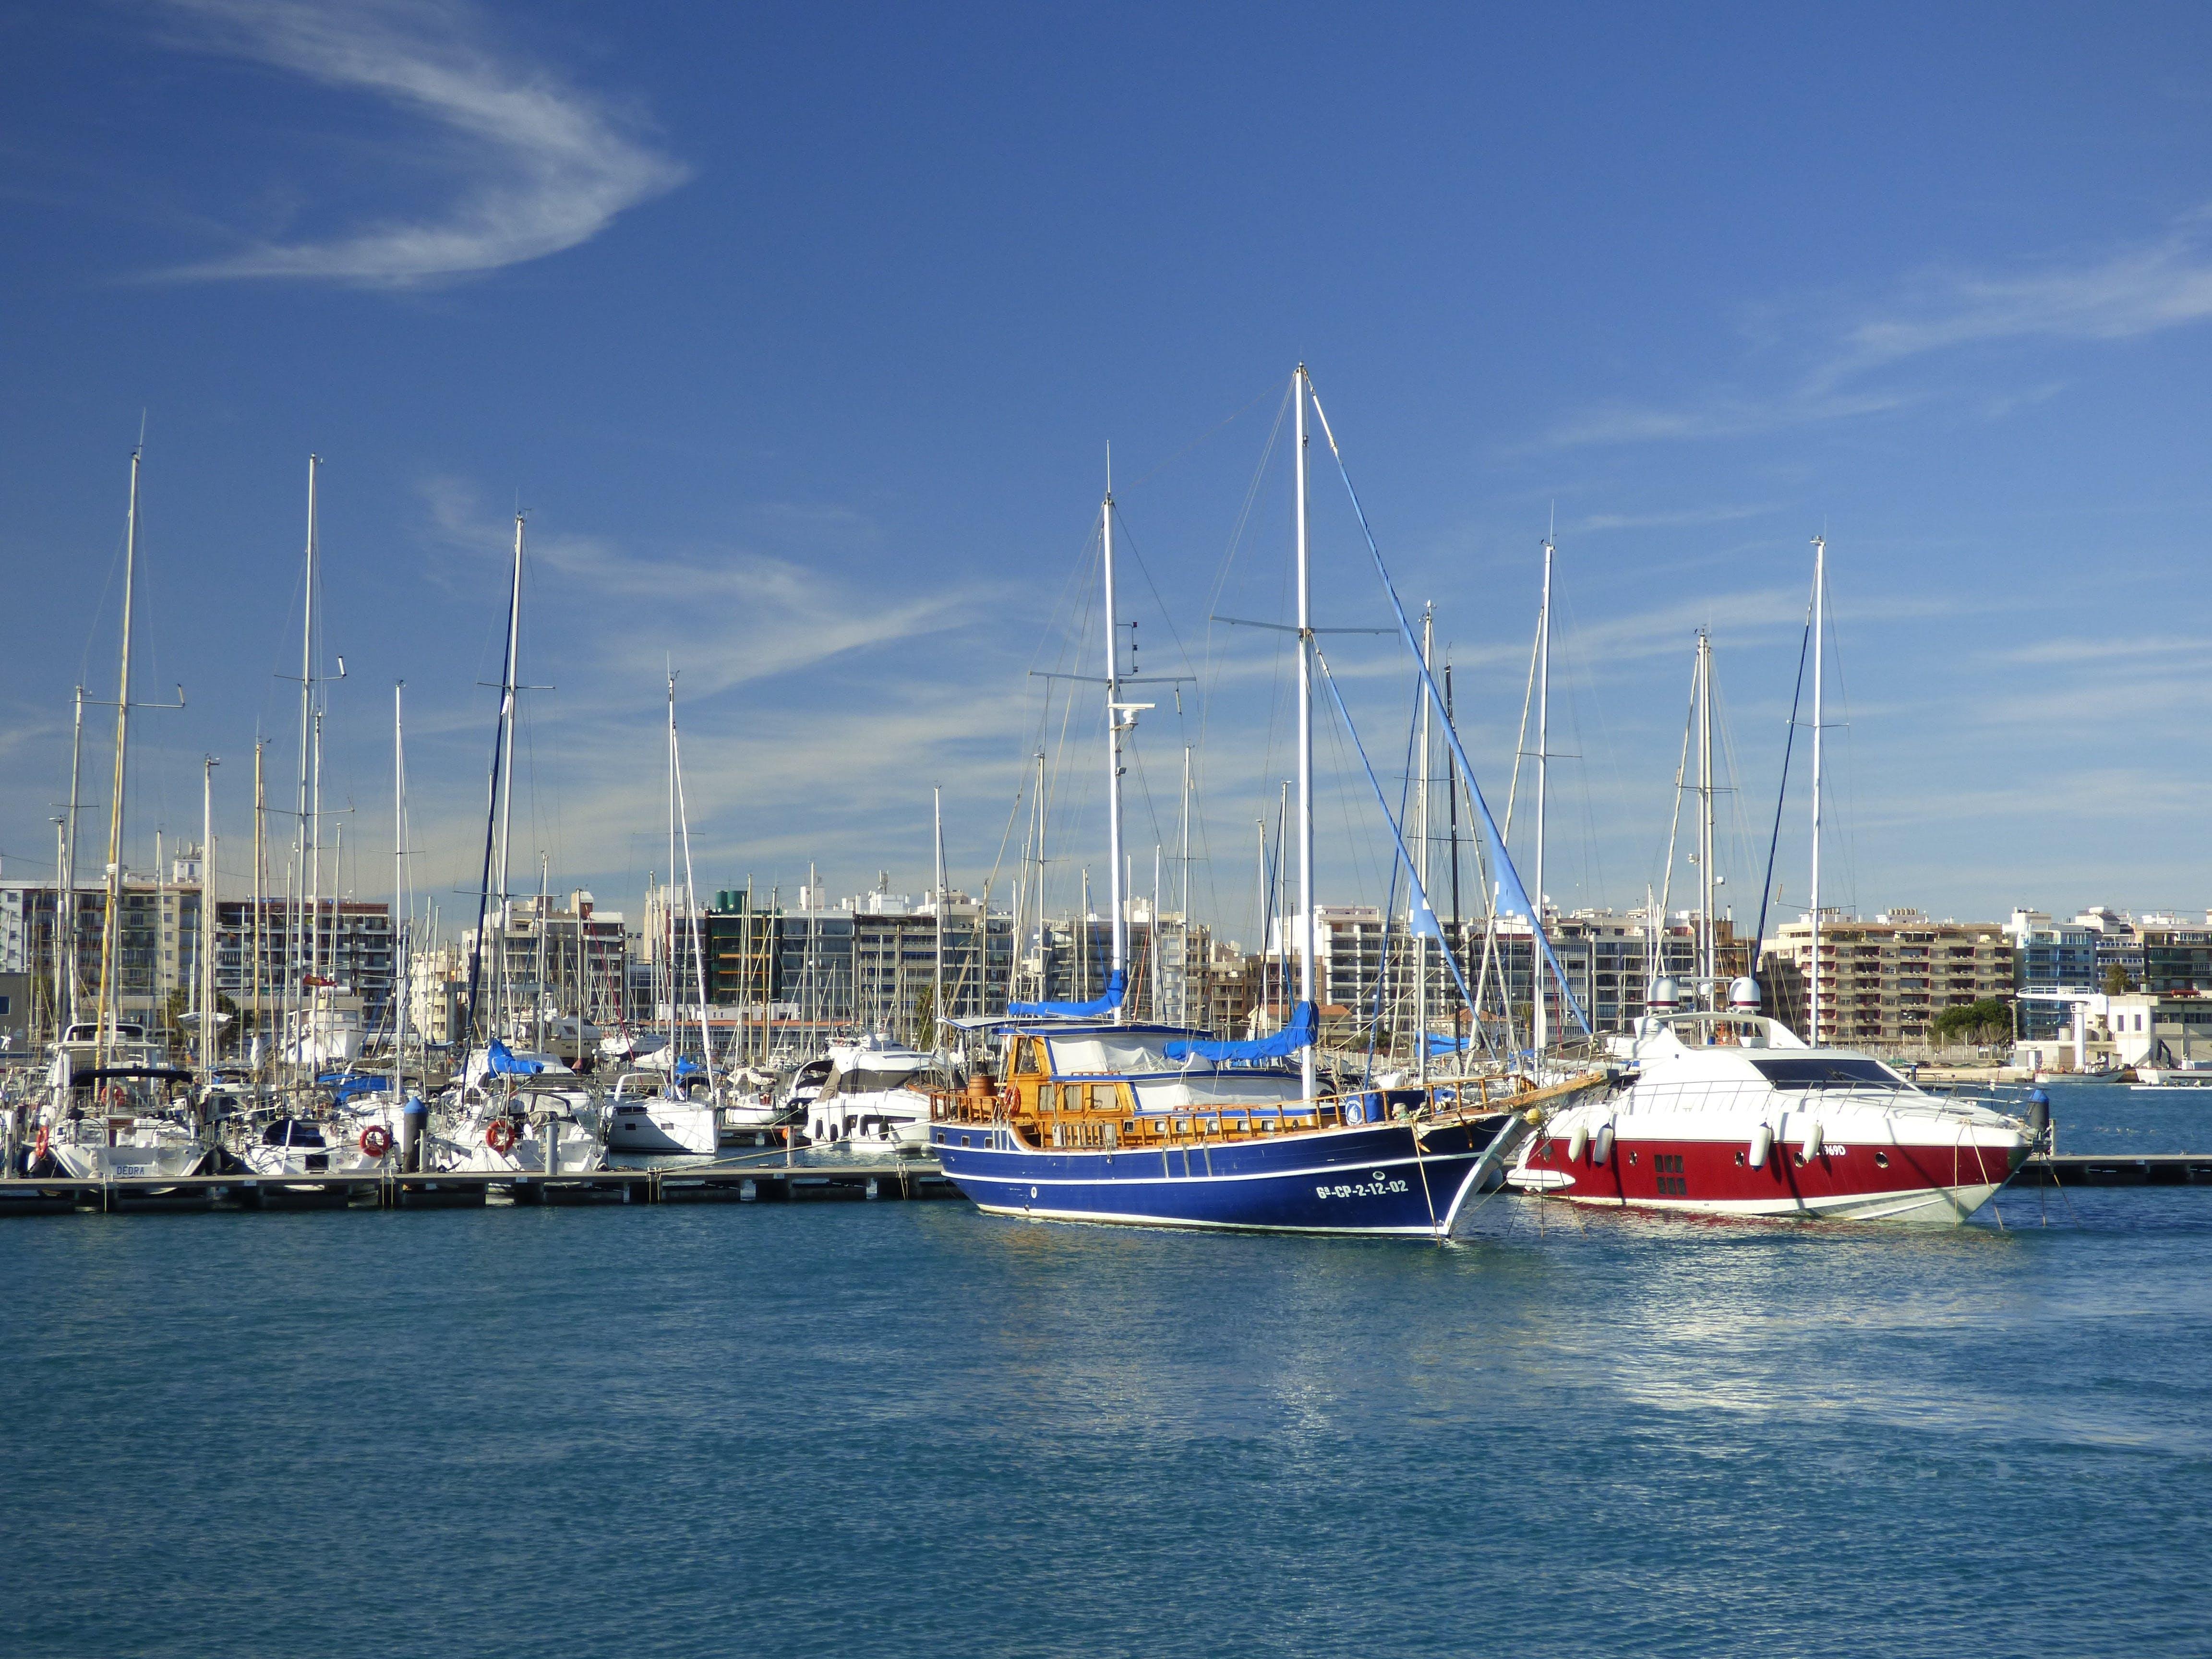 binalar, deniz, deniz aracı